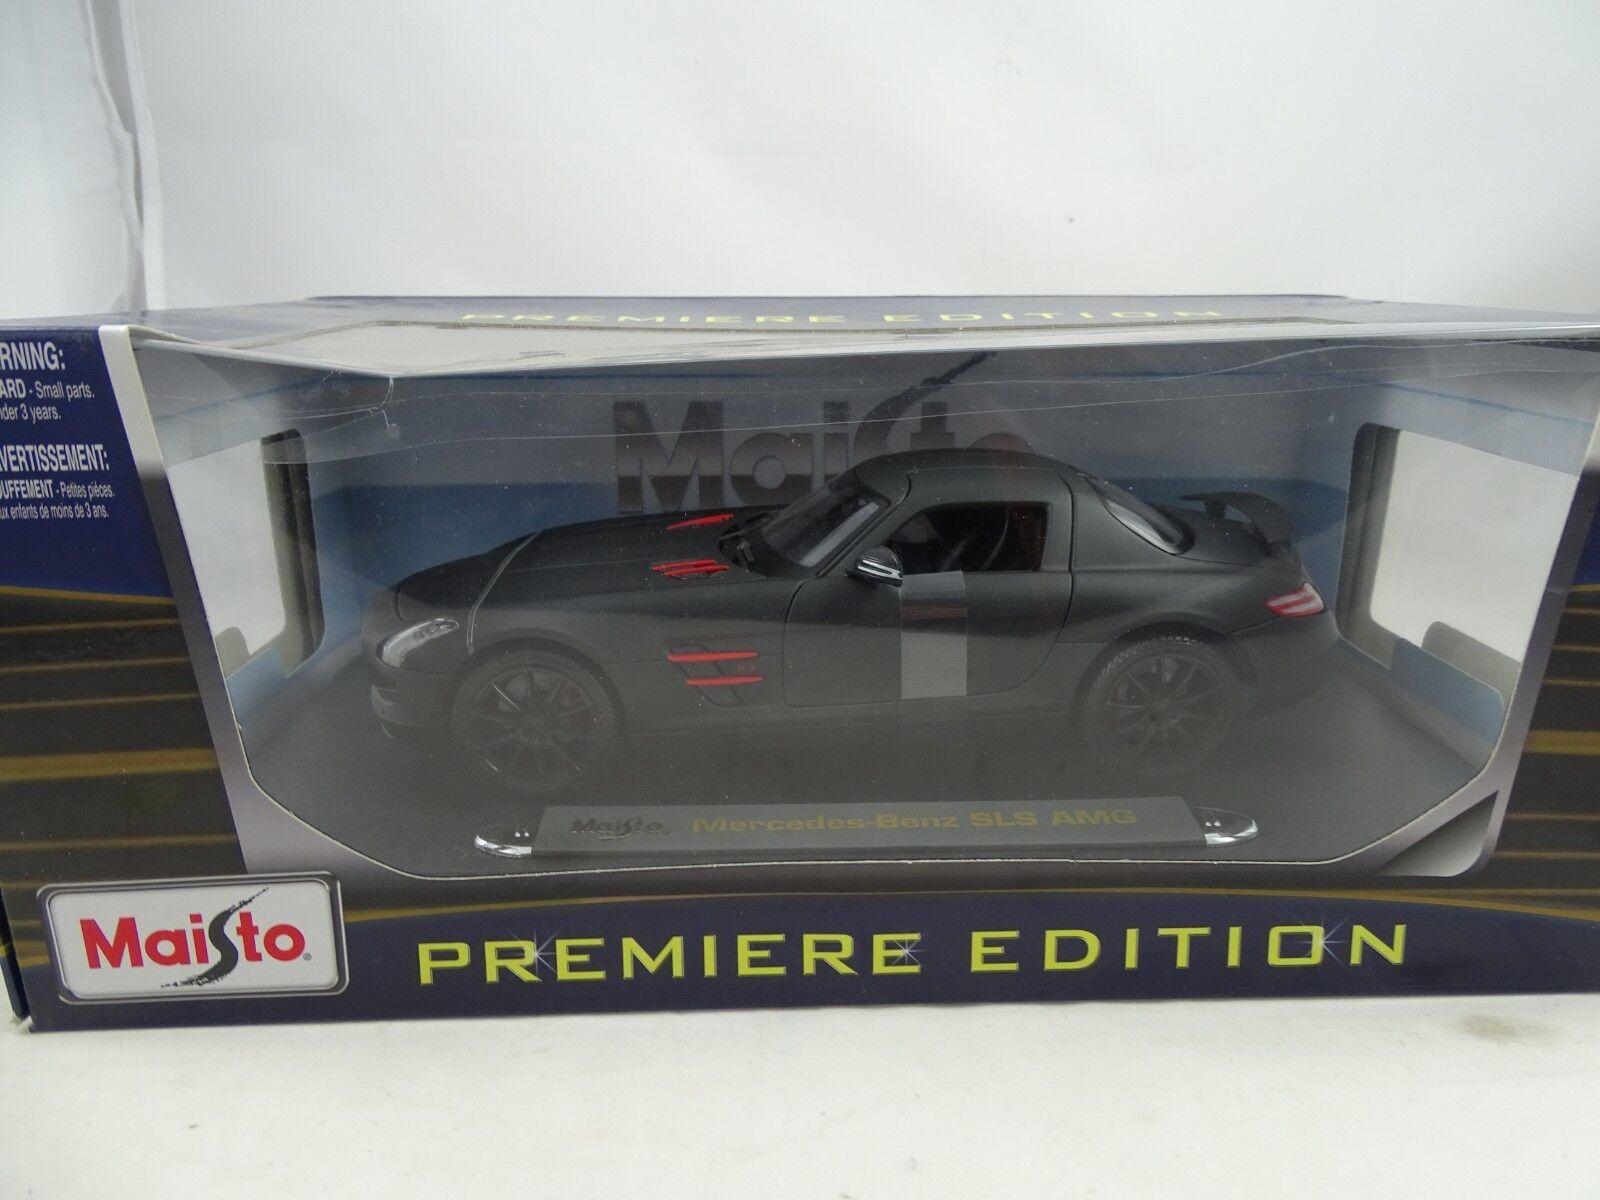 muy popular 1 18 Maisto Premier Edición  36196 Mercedes-Benz Mercedes-Benz Mercedes-Benz SLS AMG Negro Mate - Rareza    tienda de pescado para la venta